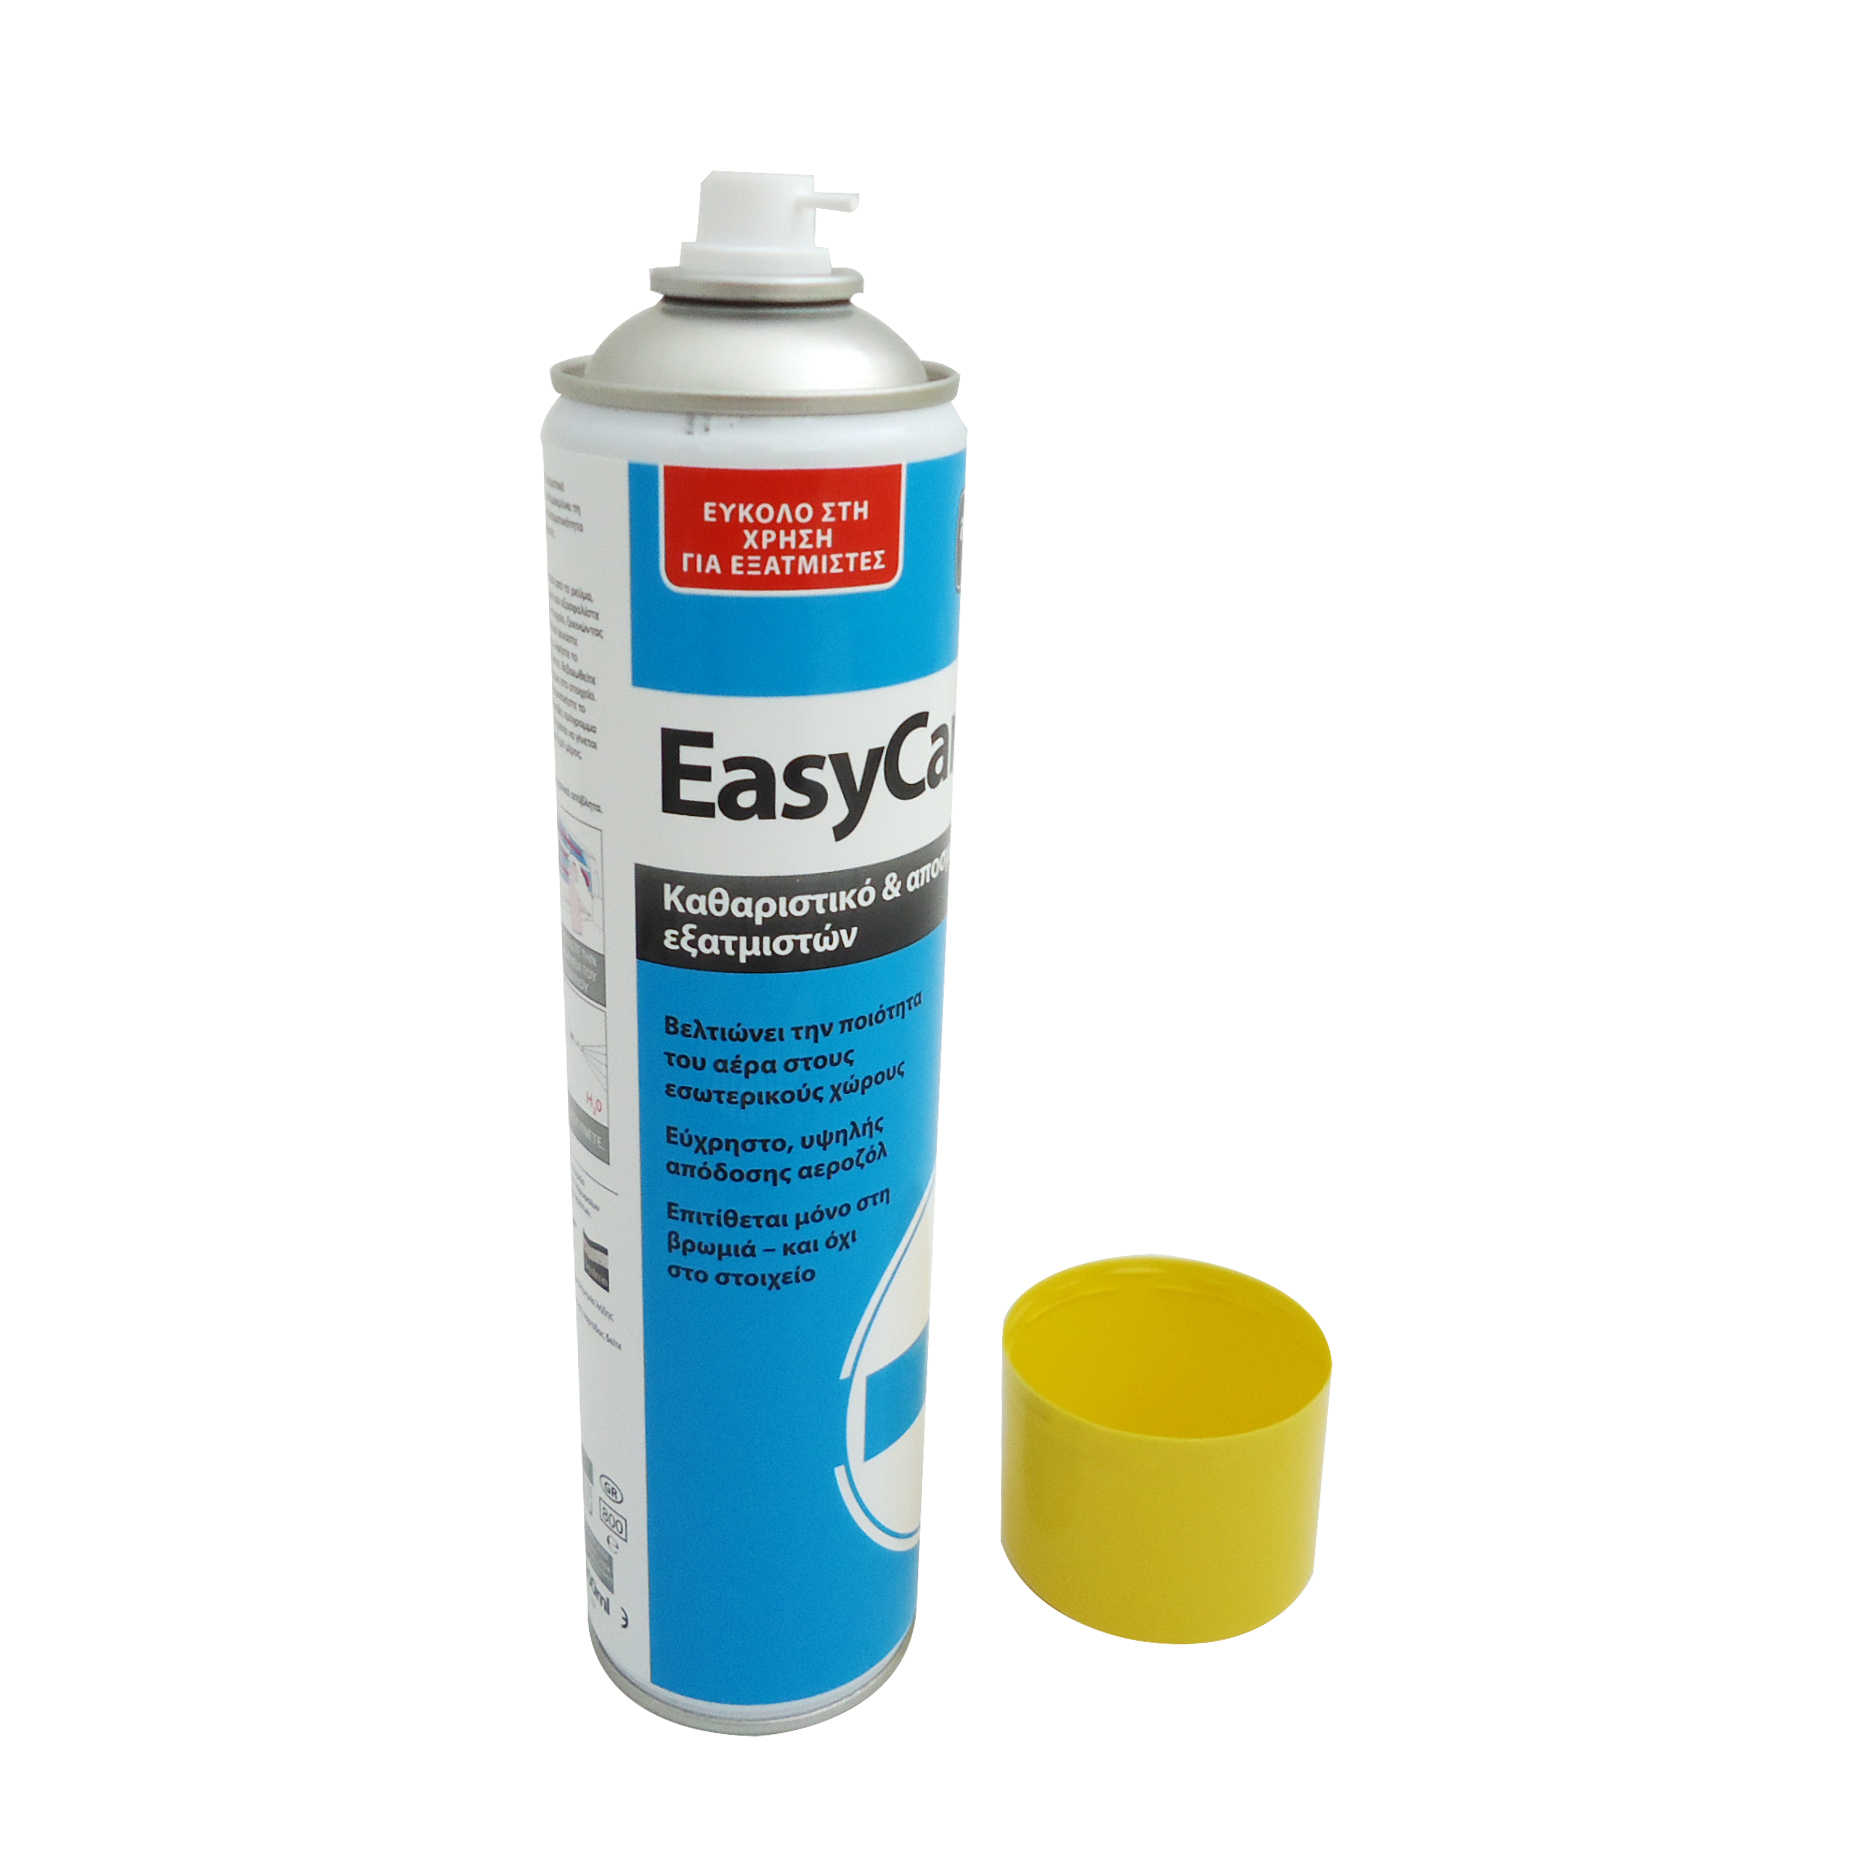 Advanced Engineering EasyCare+ Spray Καθαριστικό Απολυμαντικό & Αποσμητικό Για Τ κλιματισμός    καθαριστικά κλιματιστικών a c  προσφορές   κλιματισμός   υλικά εγ